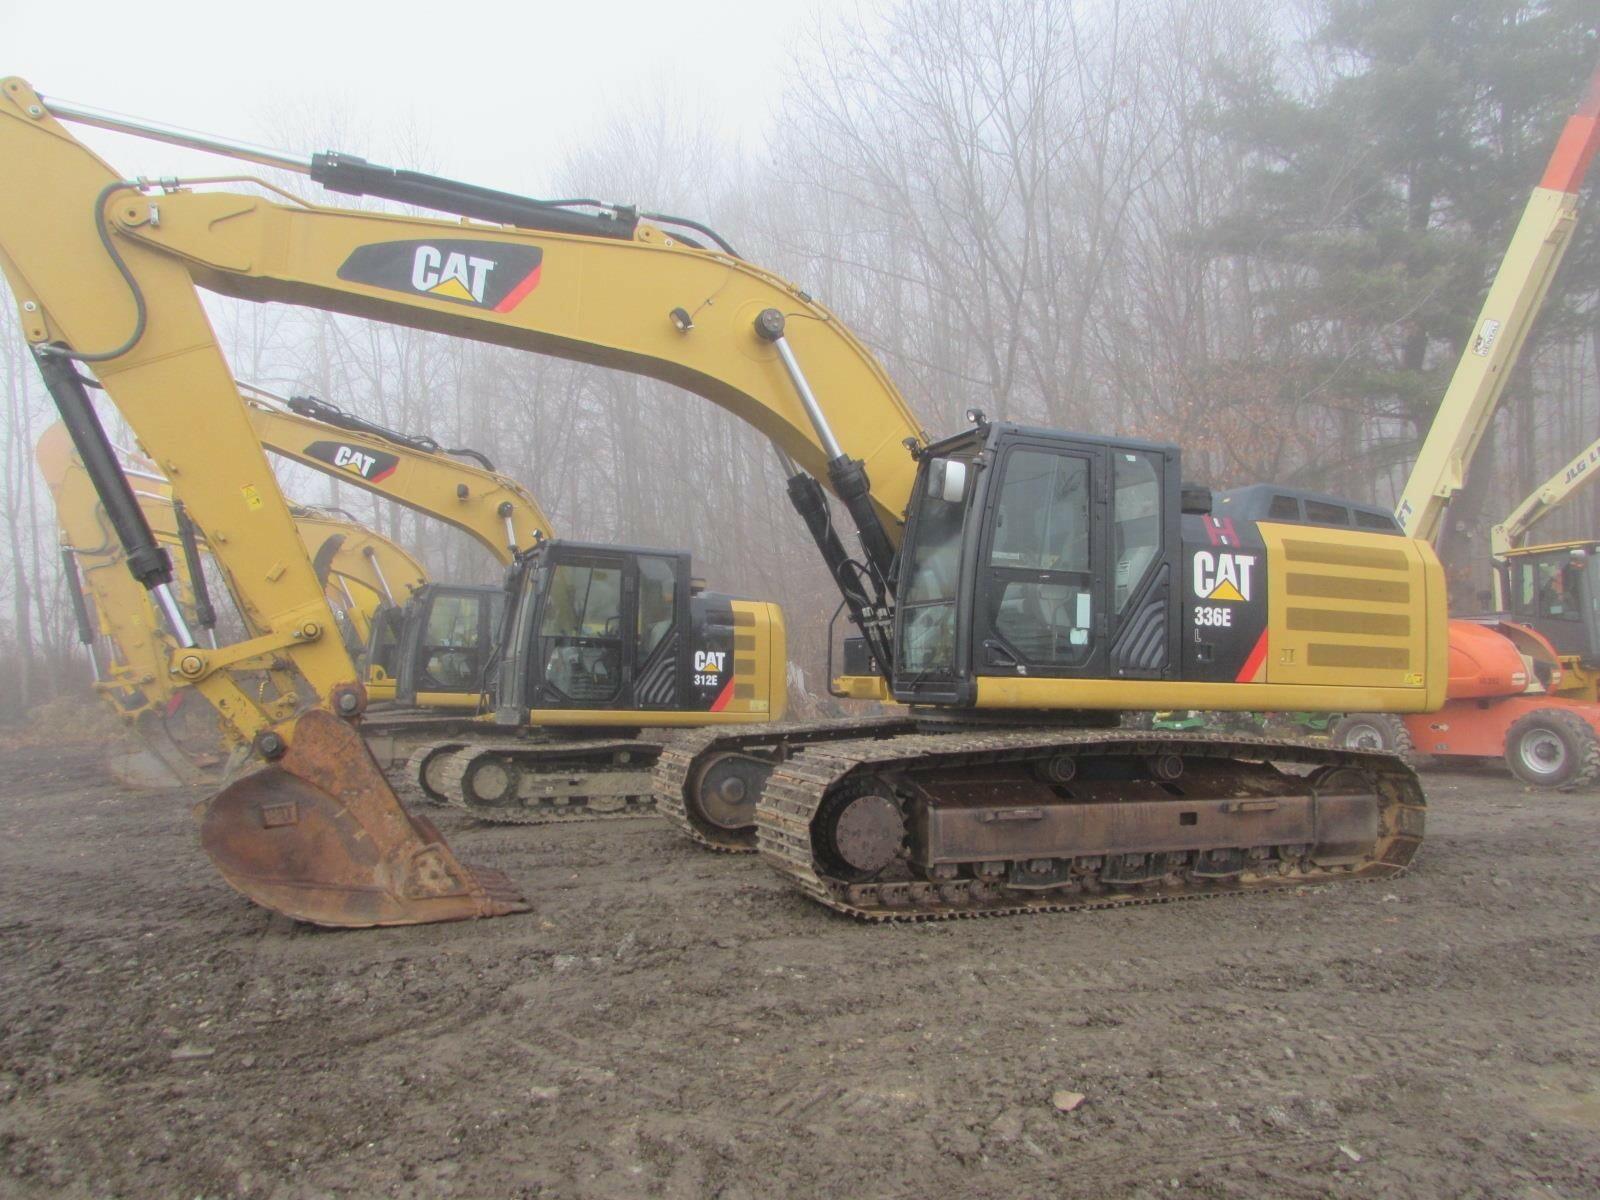 2013 Caterpillar 336EL Excavators and Mini Excavator